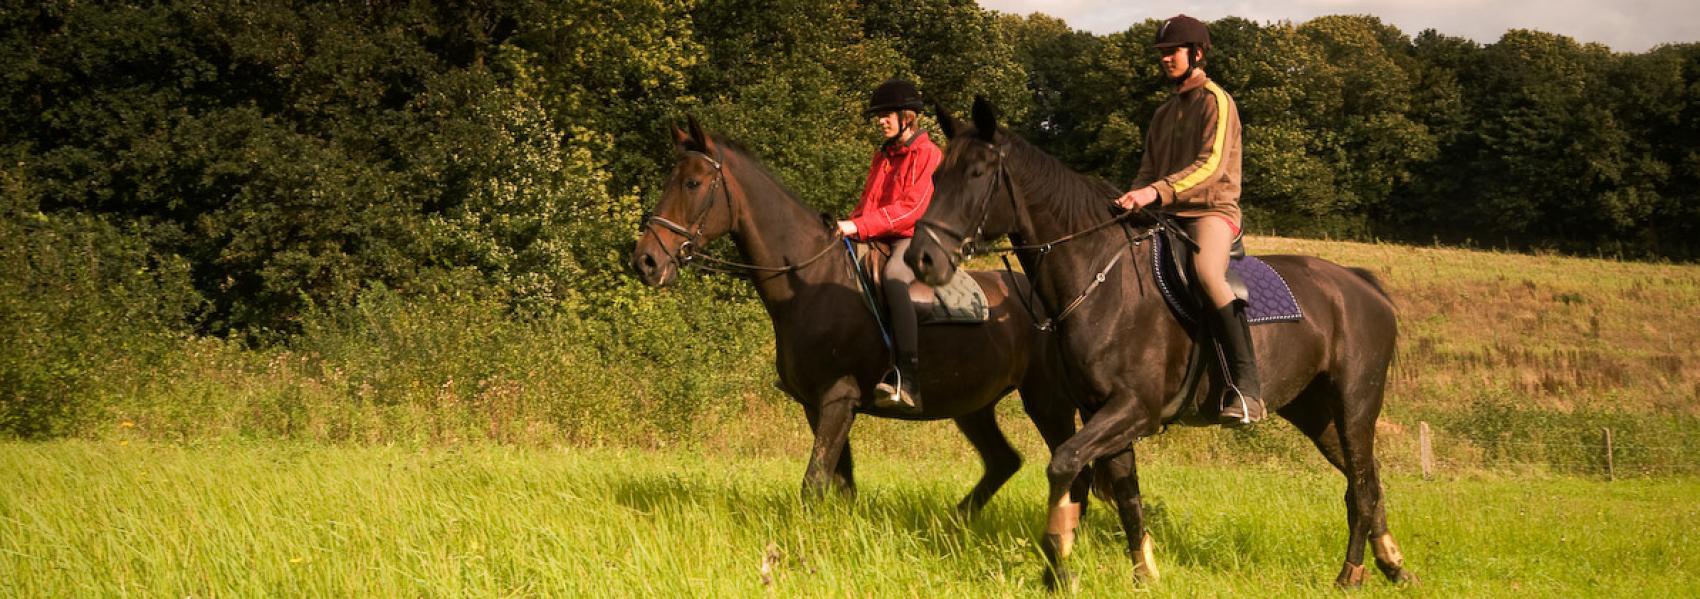 Paardrijden in het Heuvelland